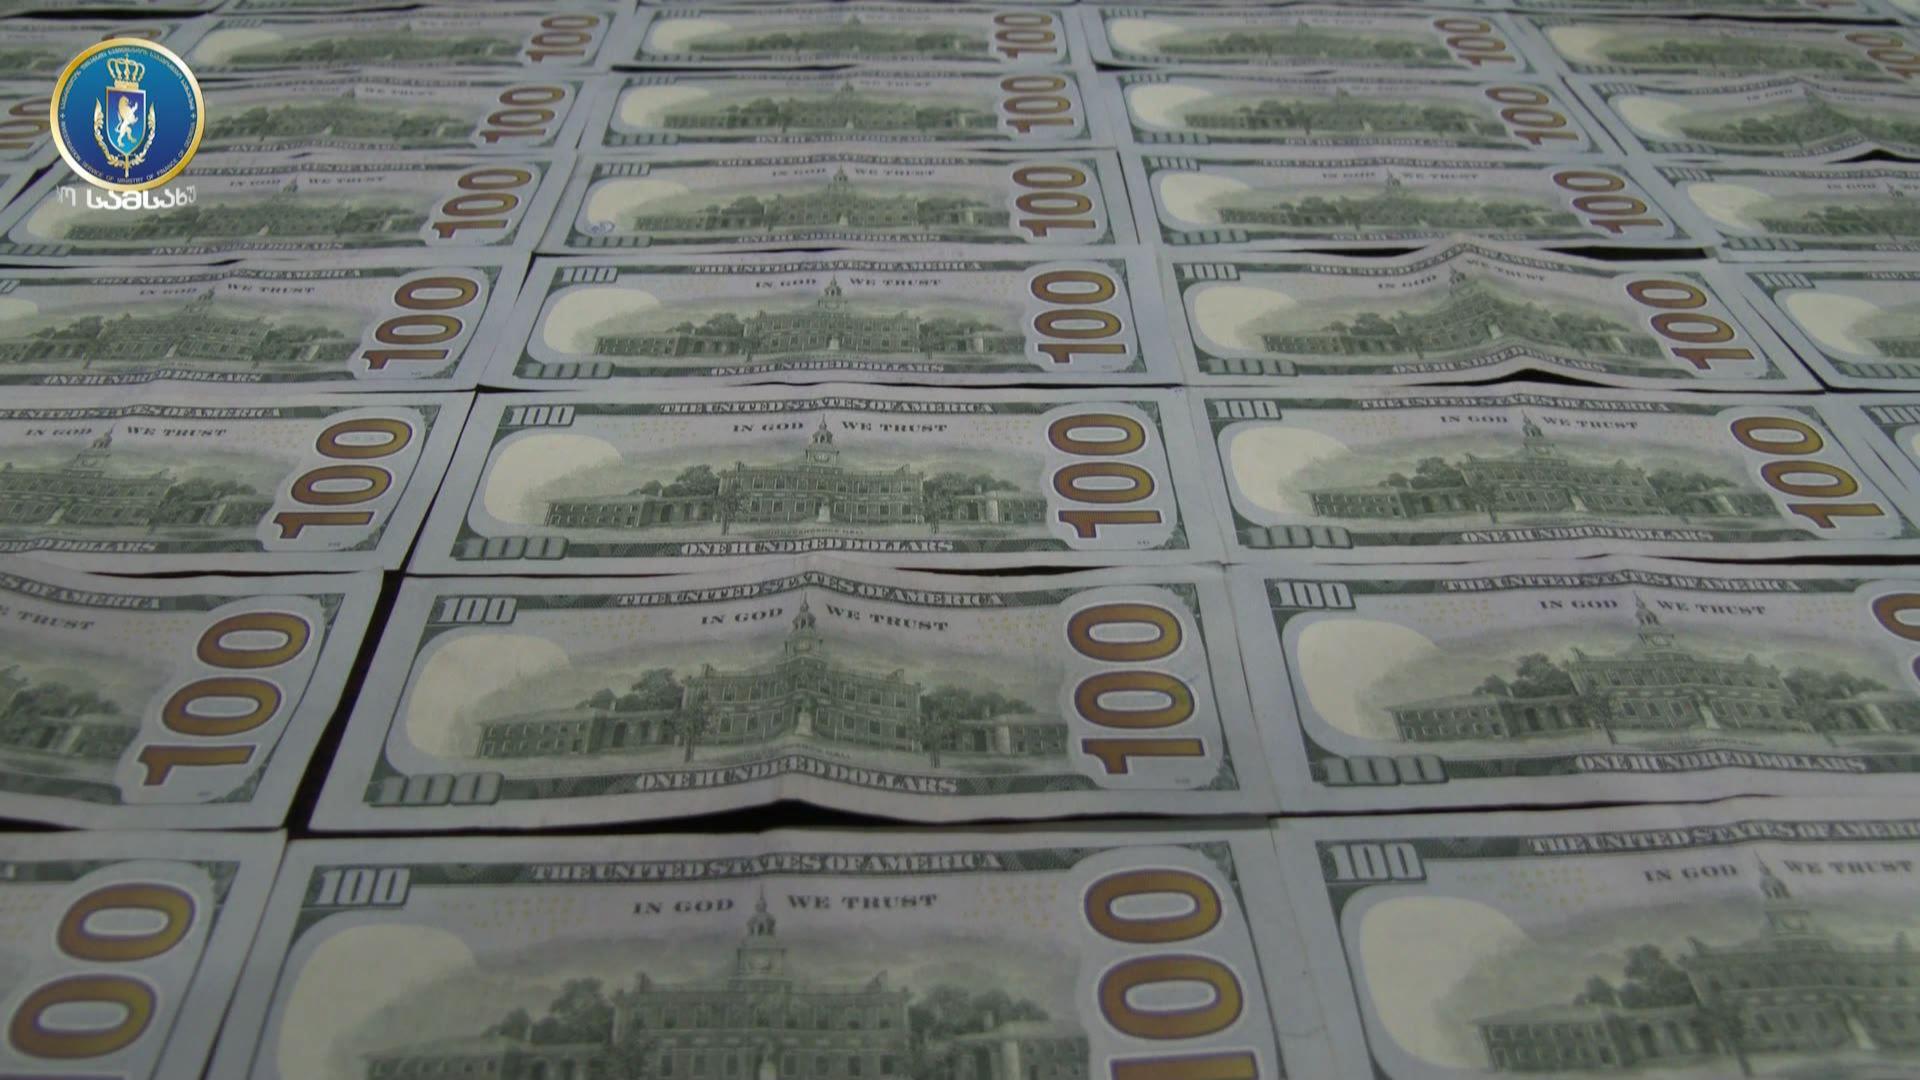 დაკავება დიდი ოდენობით ფულადი თანხის თაღლითურად დაუფლების ფაქტზე